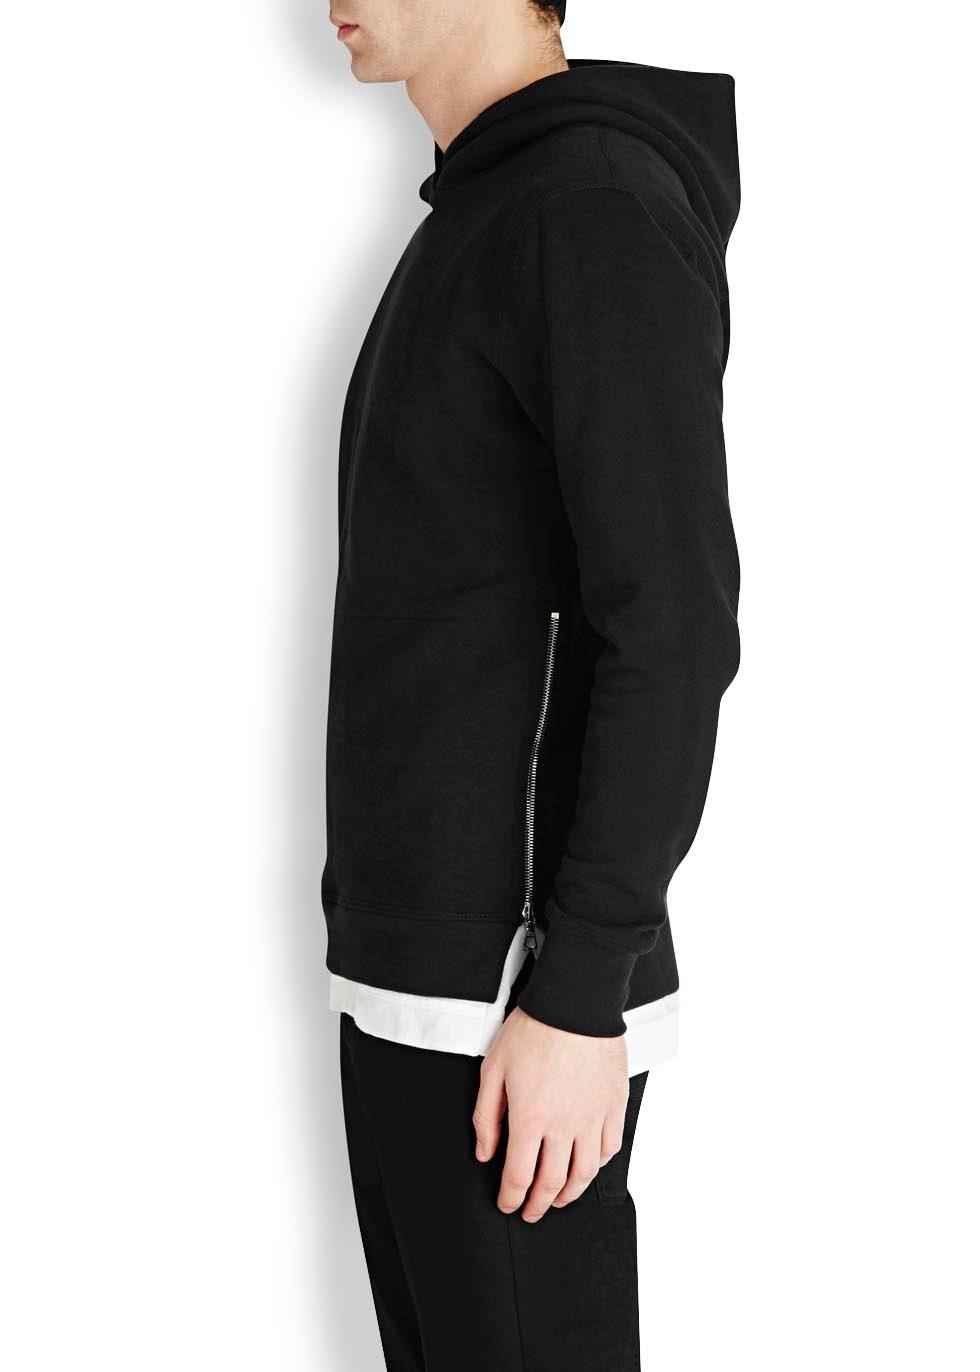 Villain hooded cotton sweatshirt - John Elliott